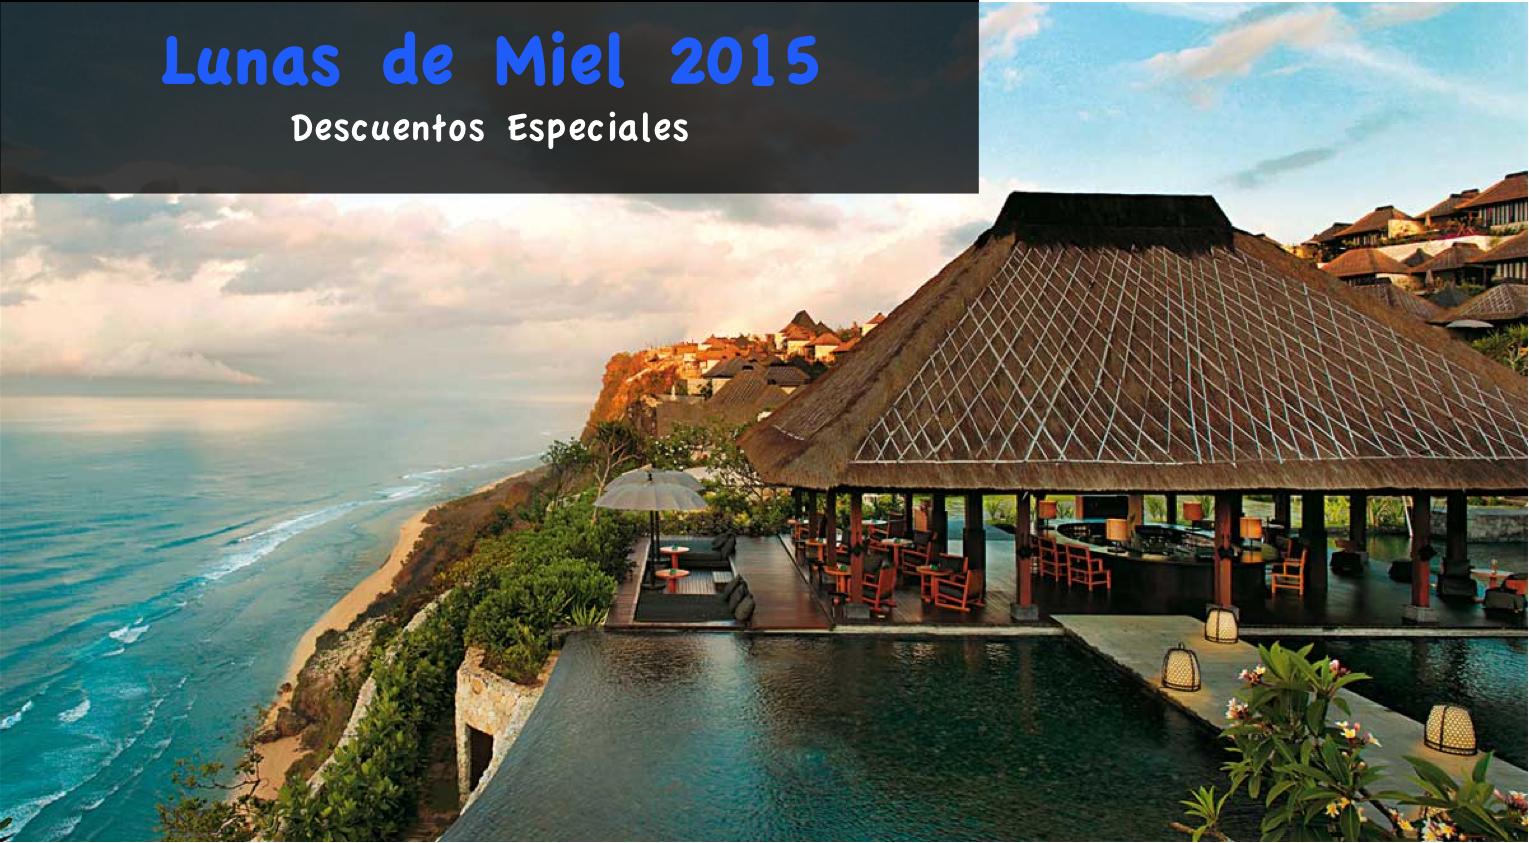 Ofertas Lunas de Miel 2015